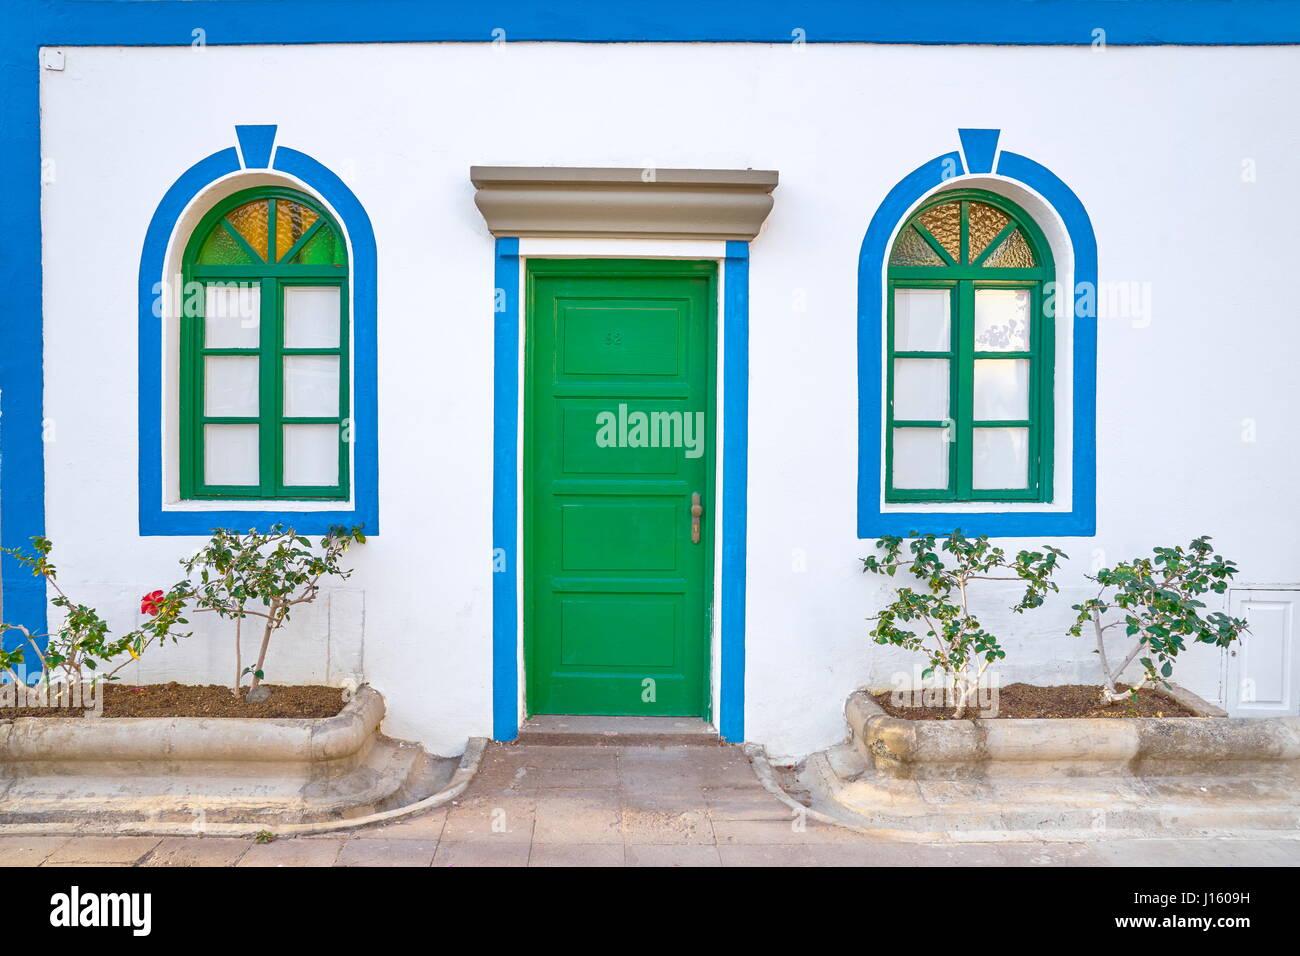 Haus mit weißen Wänden, Puerto de Mogan, Kanarische Inseln, Gran Canaria, Spanien Stockbild